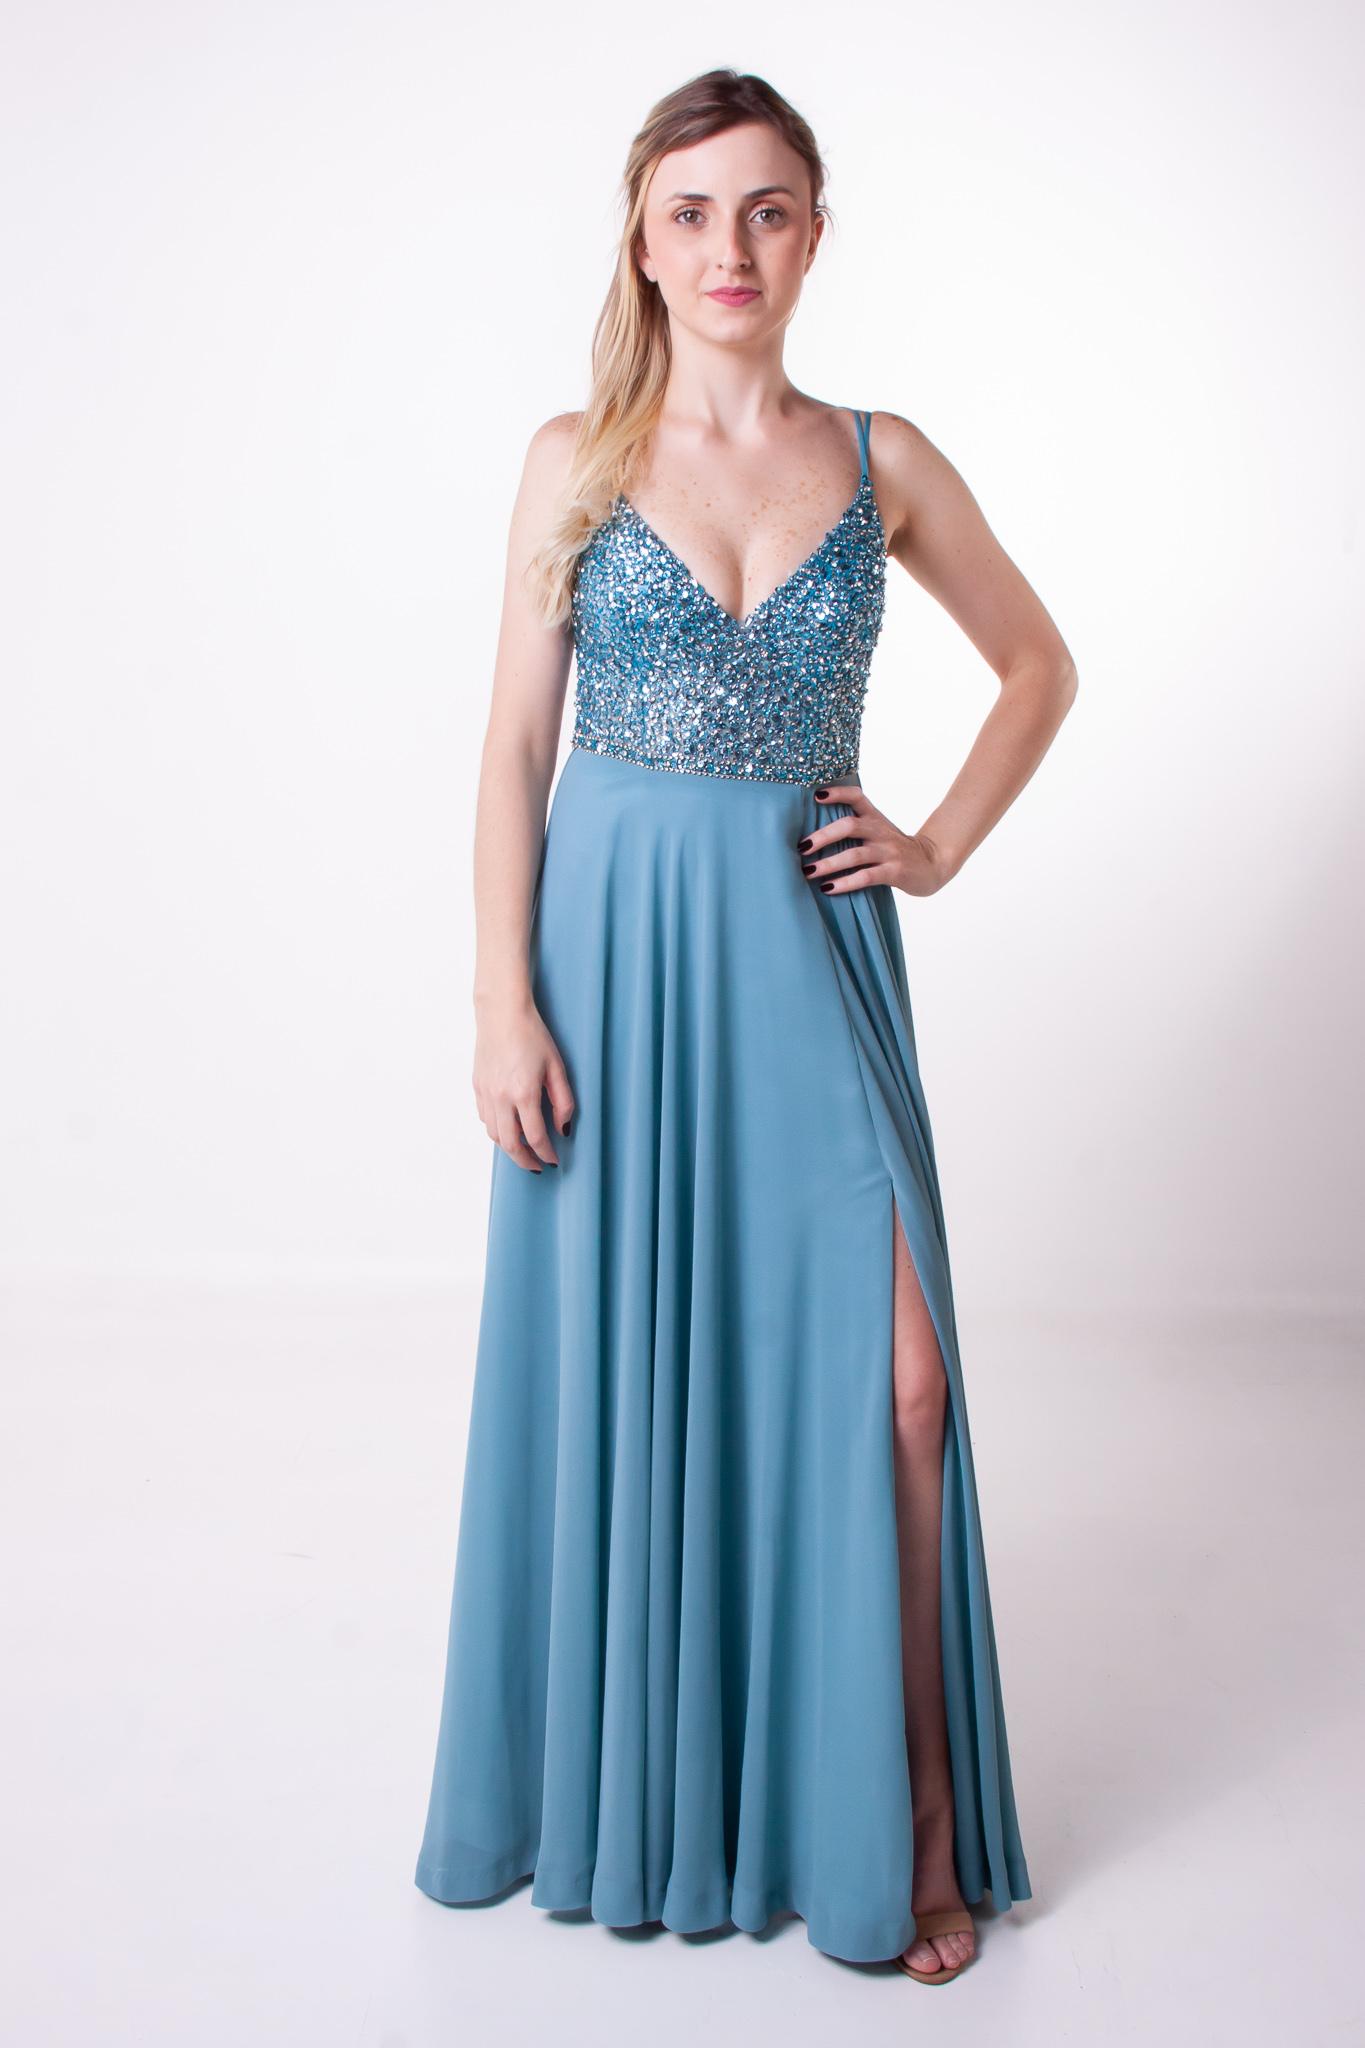 52 - Vestido azul serenity com brilho e fenda